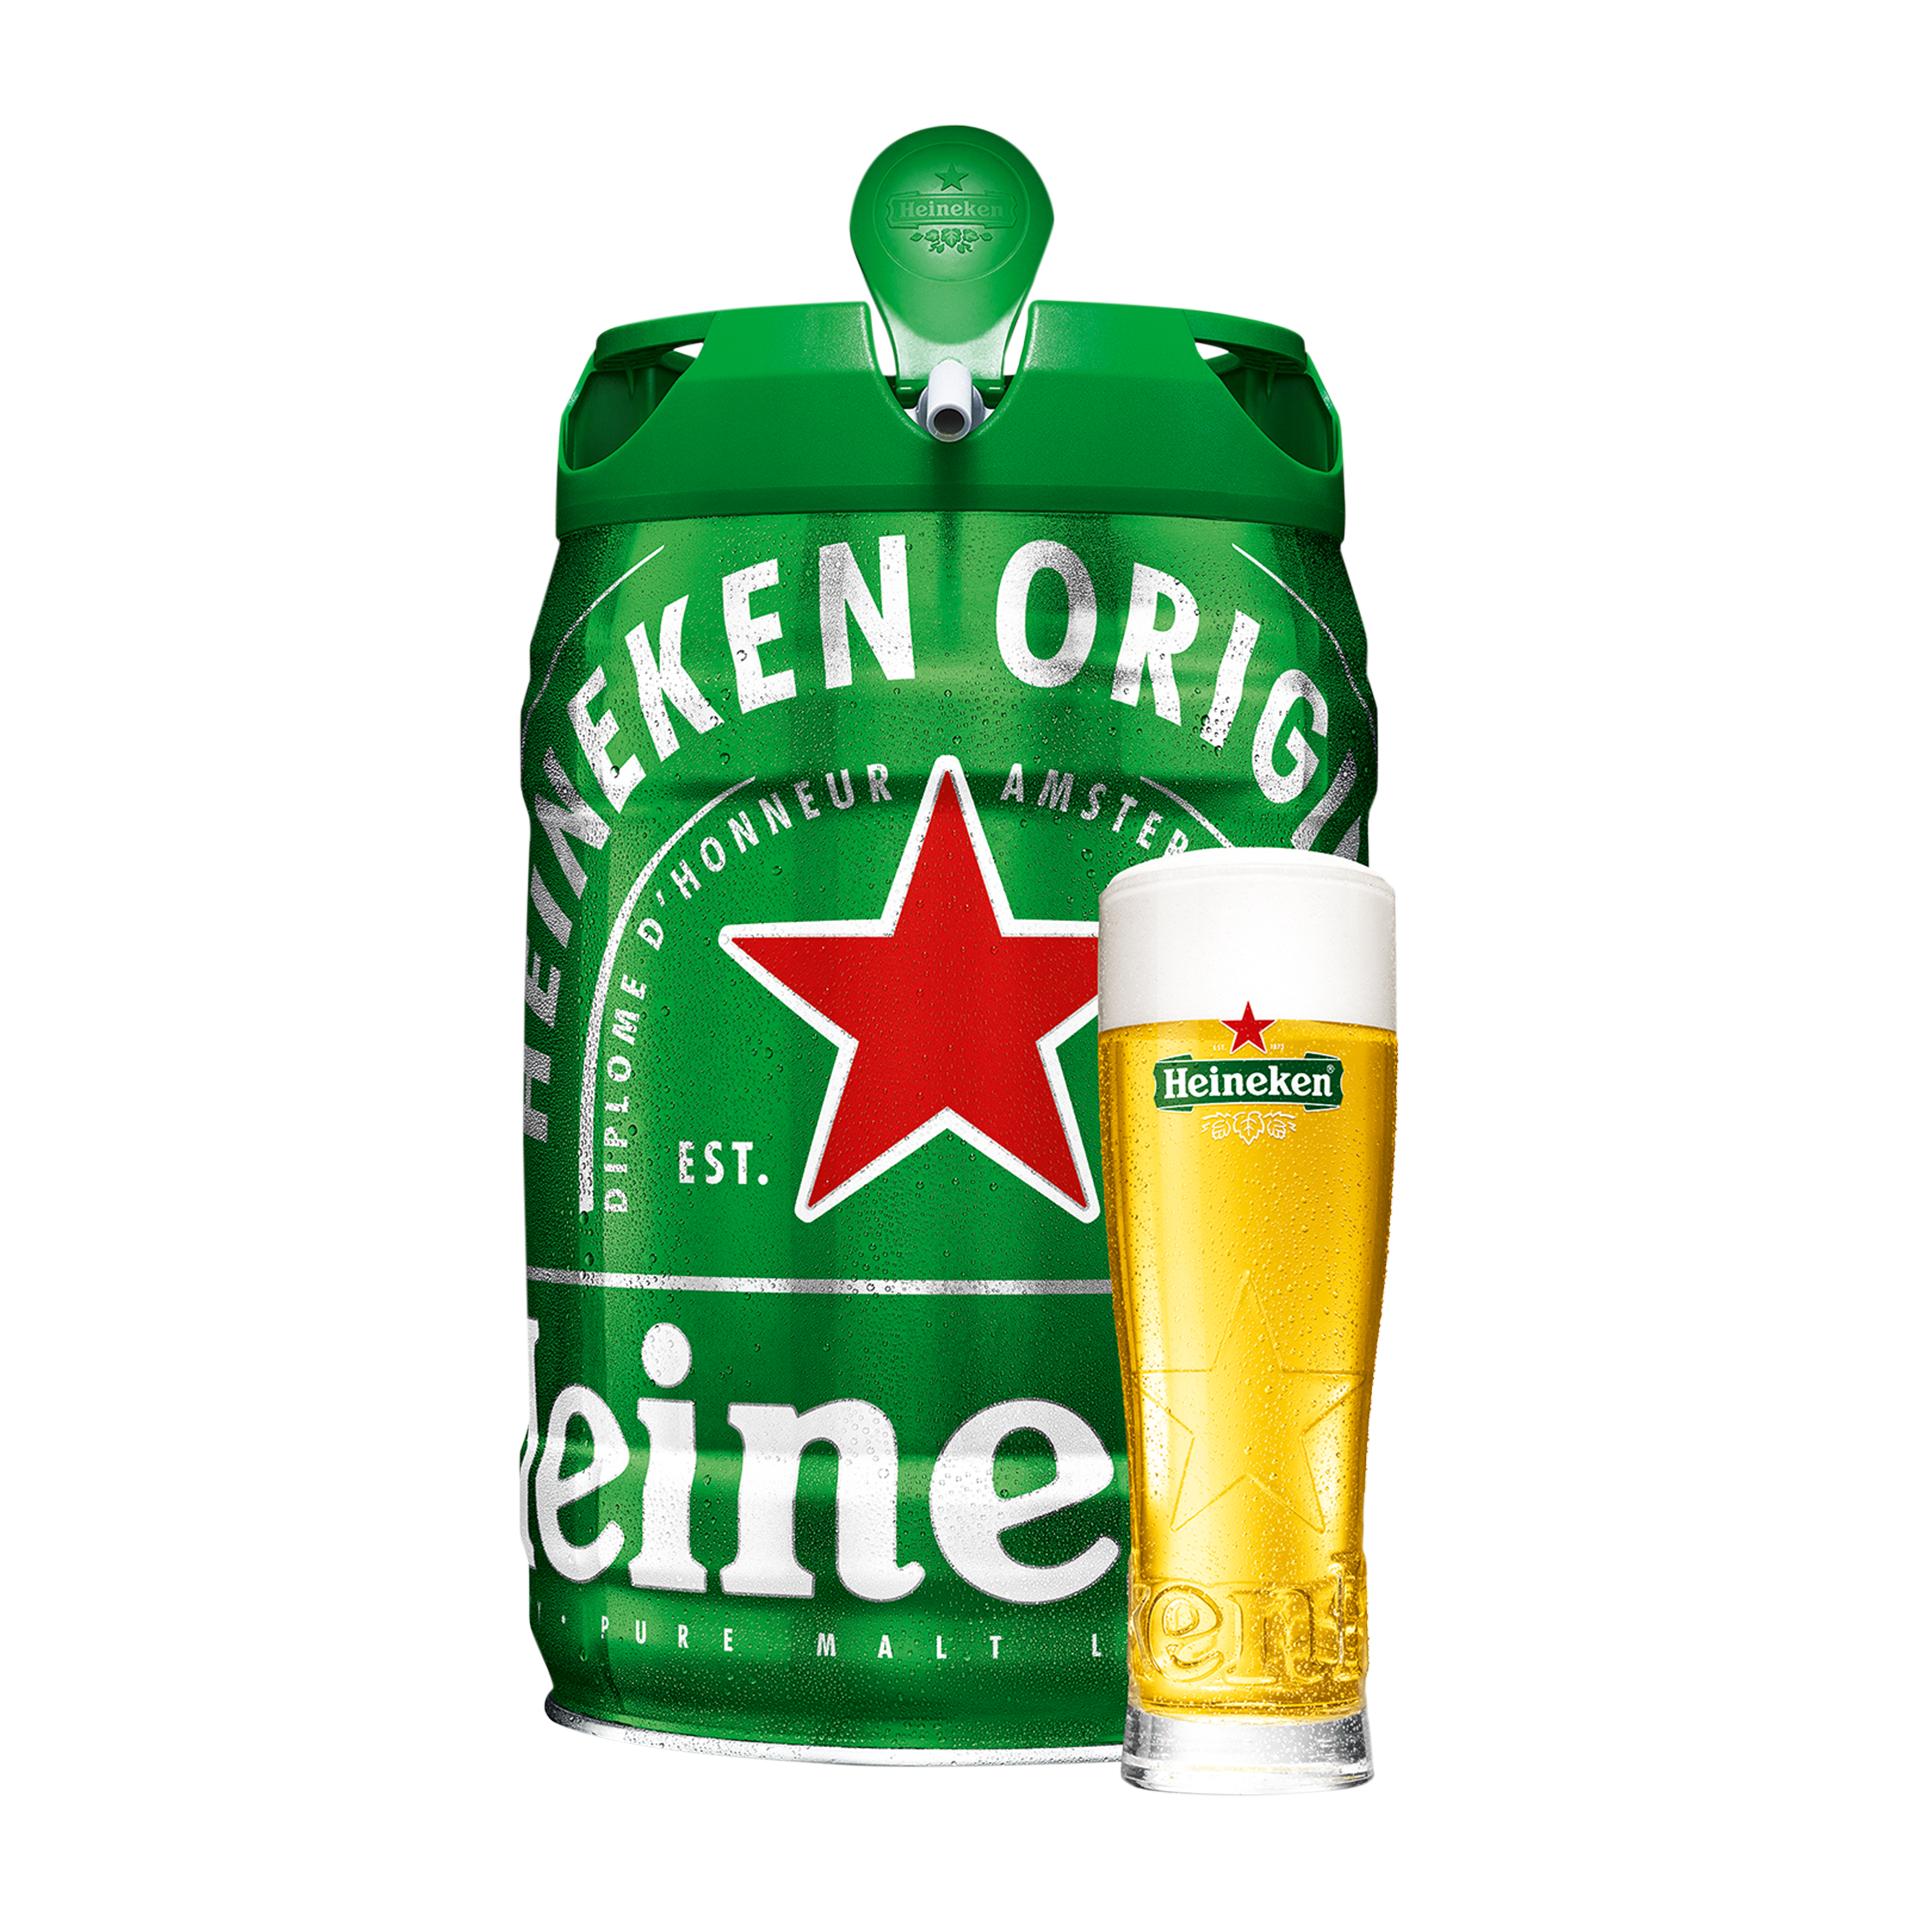 Heineken Bier Partyfass 5L mit CO2-Zapfsystem für nur 9,69€ ab 04.09. [ALDI-NORD]